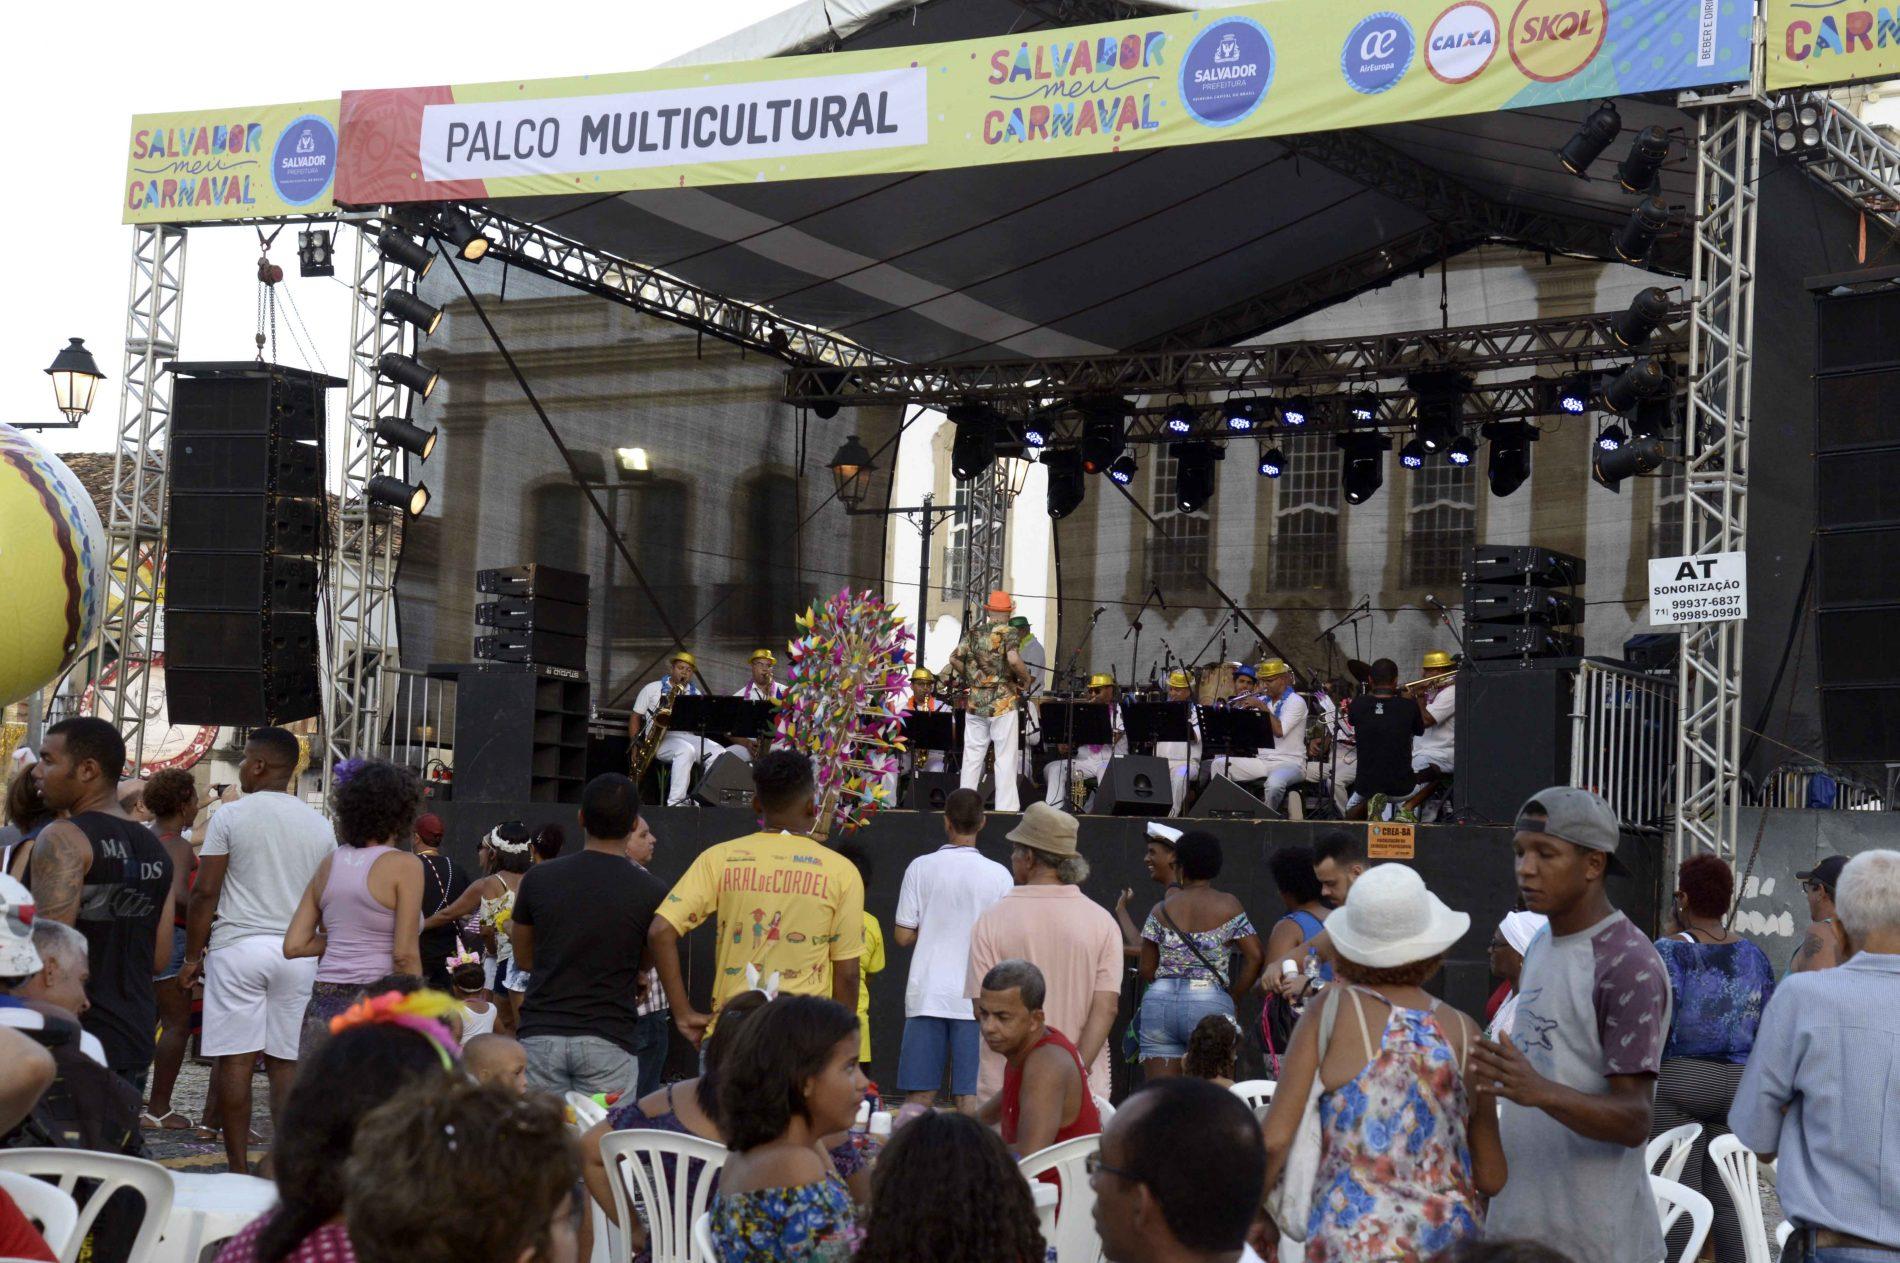 Orquestras ocupam espaço no Carnaval de Salvador